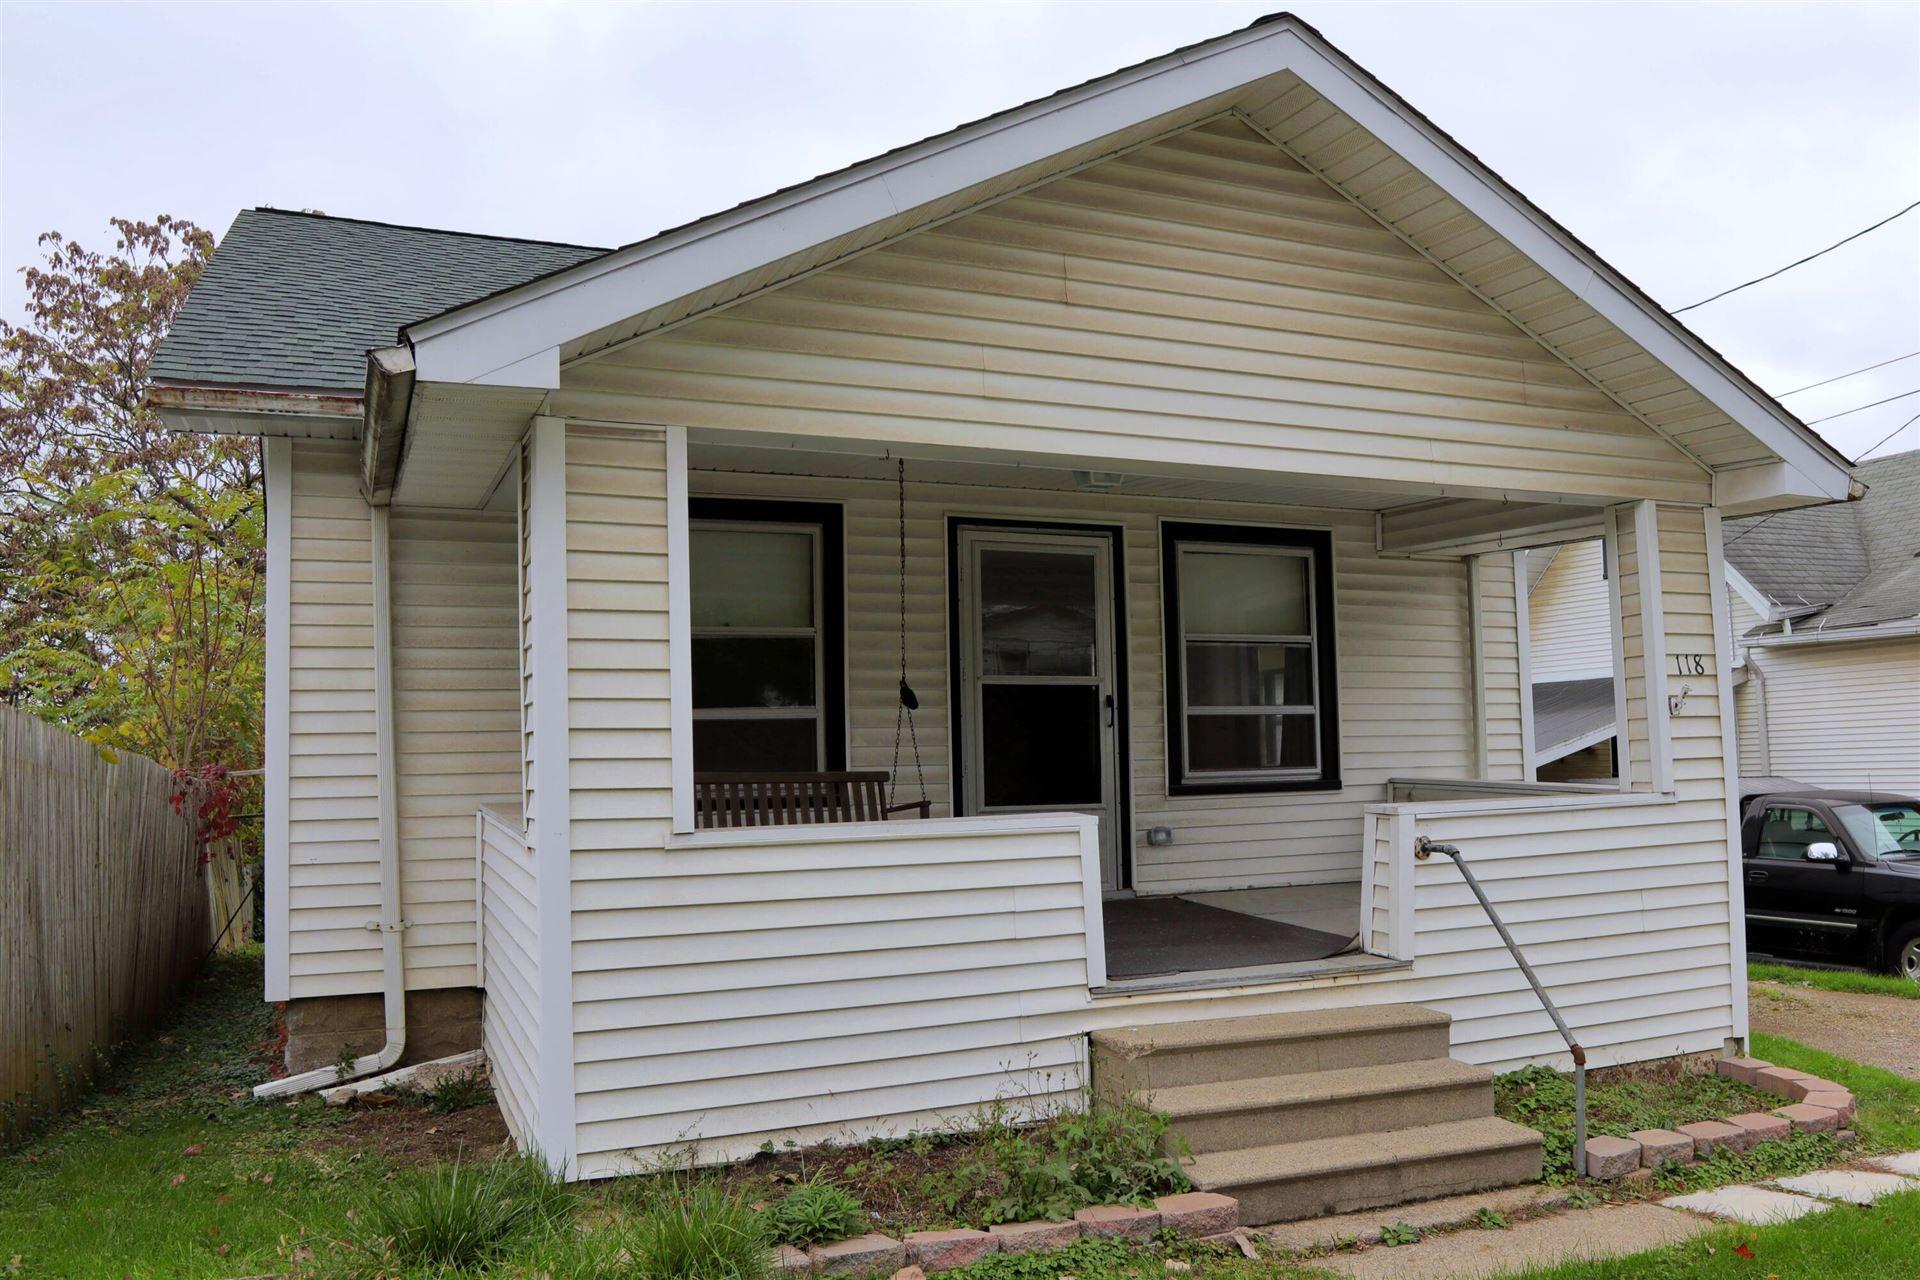 118 Henrietta Street, Jackson, MI 49203 - MLS#: 21110997